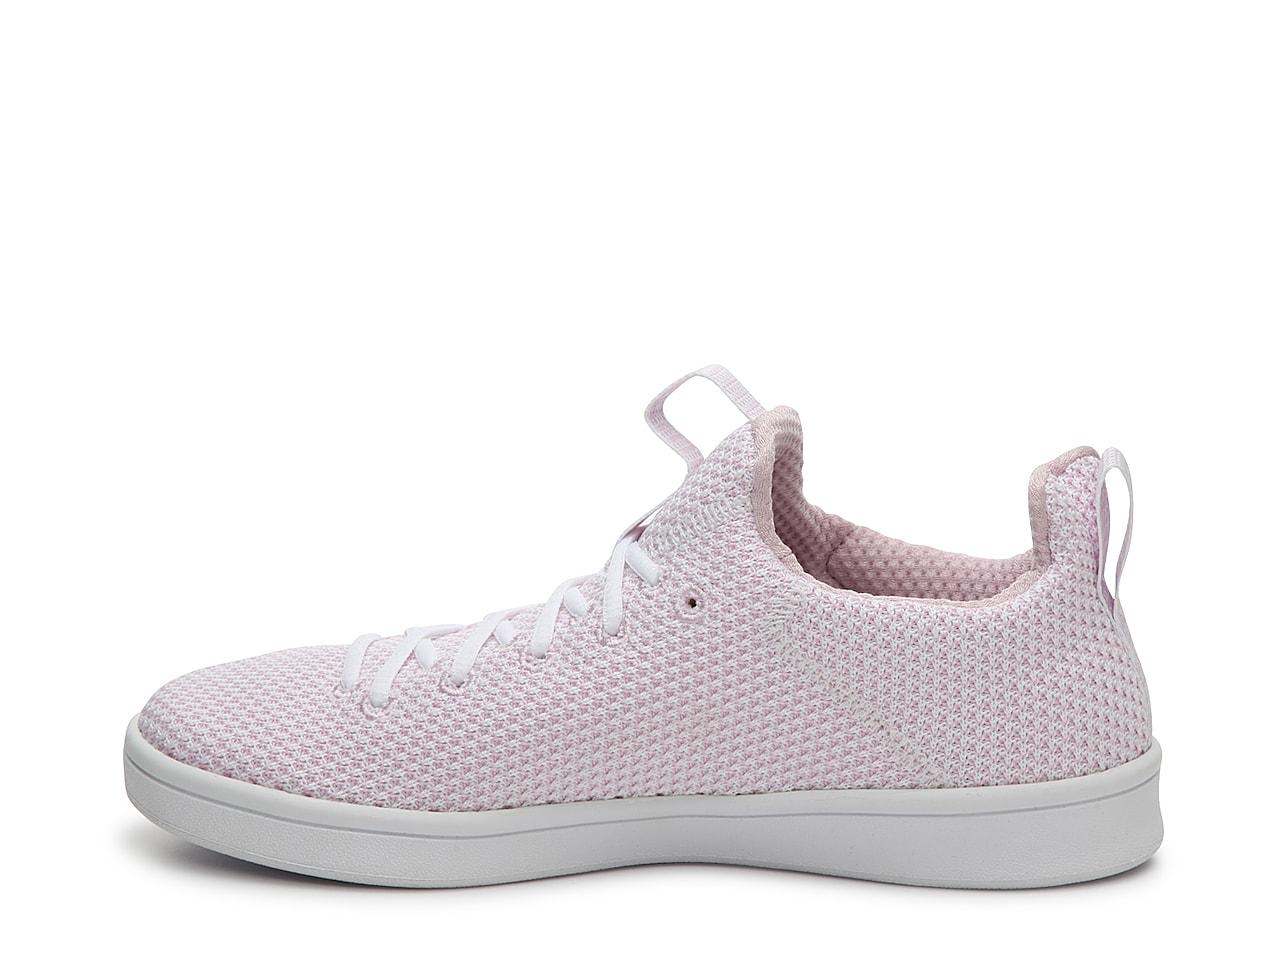 Cloudfoam Advantage Adapt Sneaker - Women's